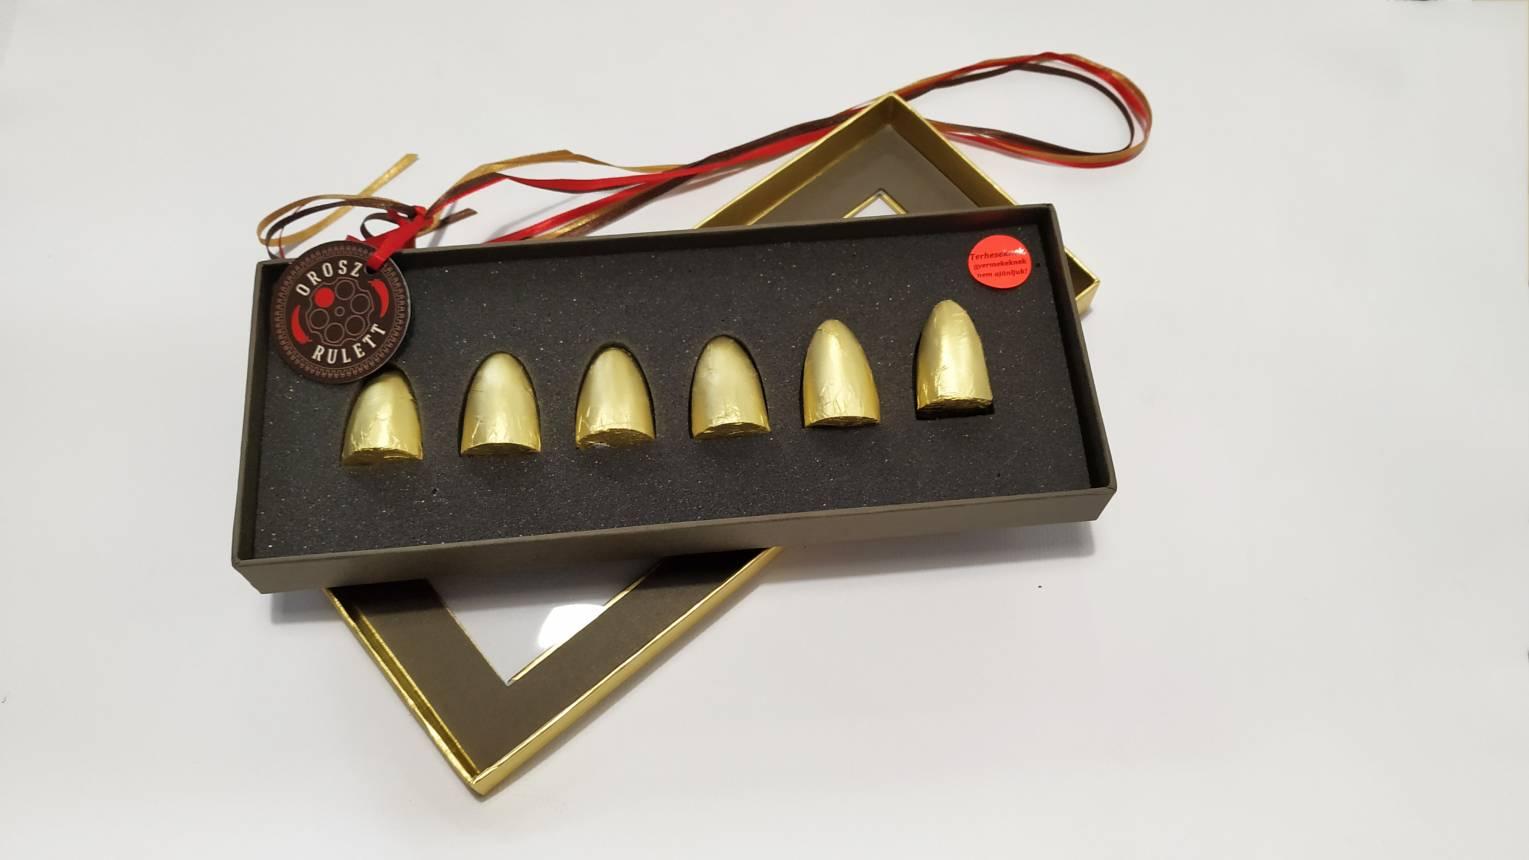 Orosz-rulett csokoládé, az egyik töltény nagyon csííííííííp